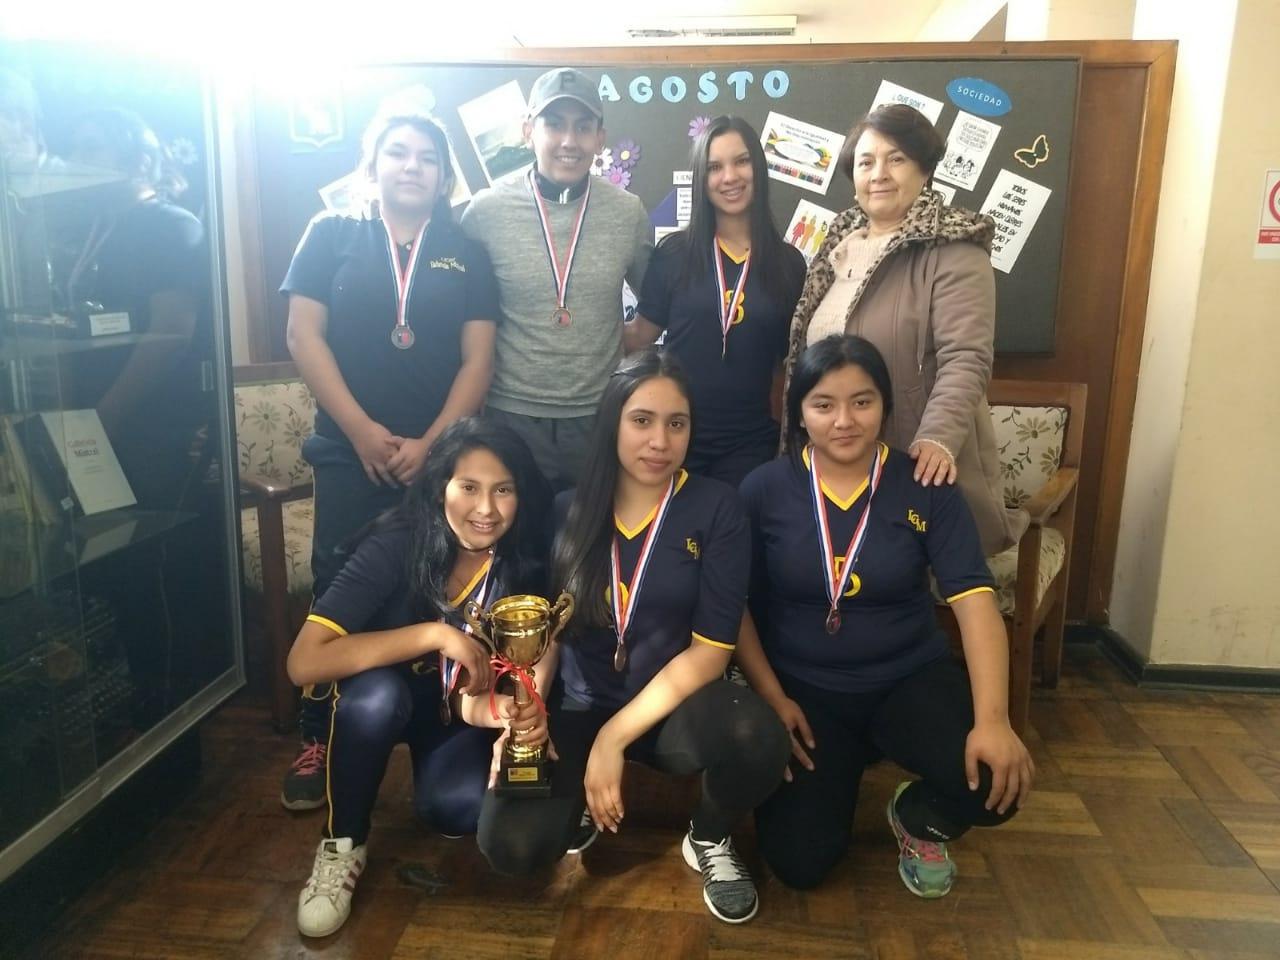 El equipo femenino de voleibol obtiene el 3° lugar provincial.